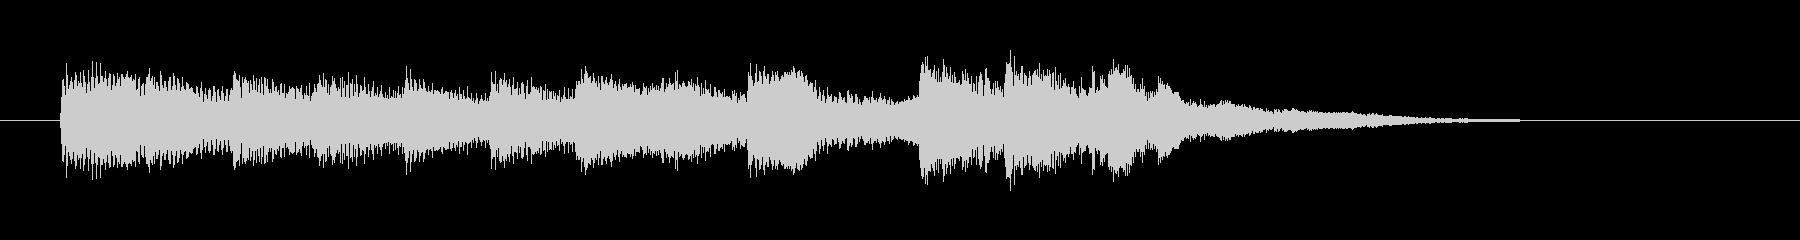 ピアノとベルのシンプルなジングル、ロゴ等の未再生の波形